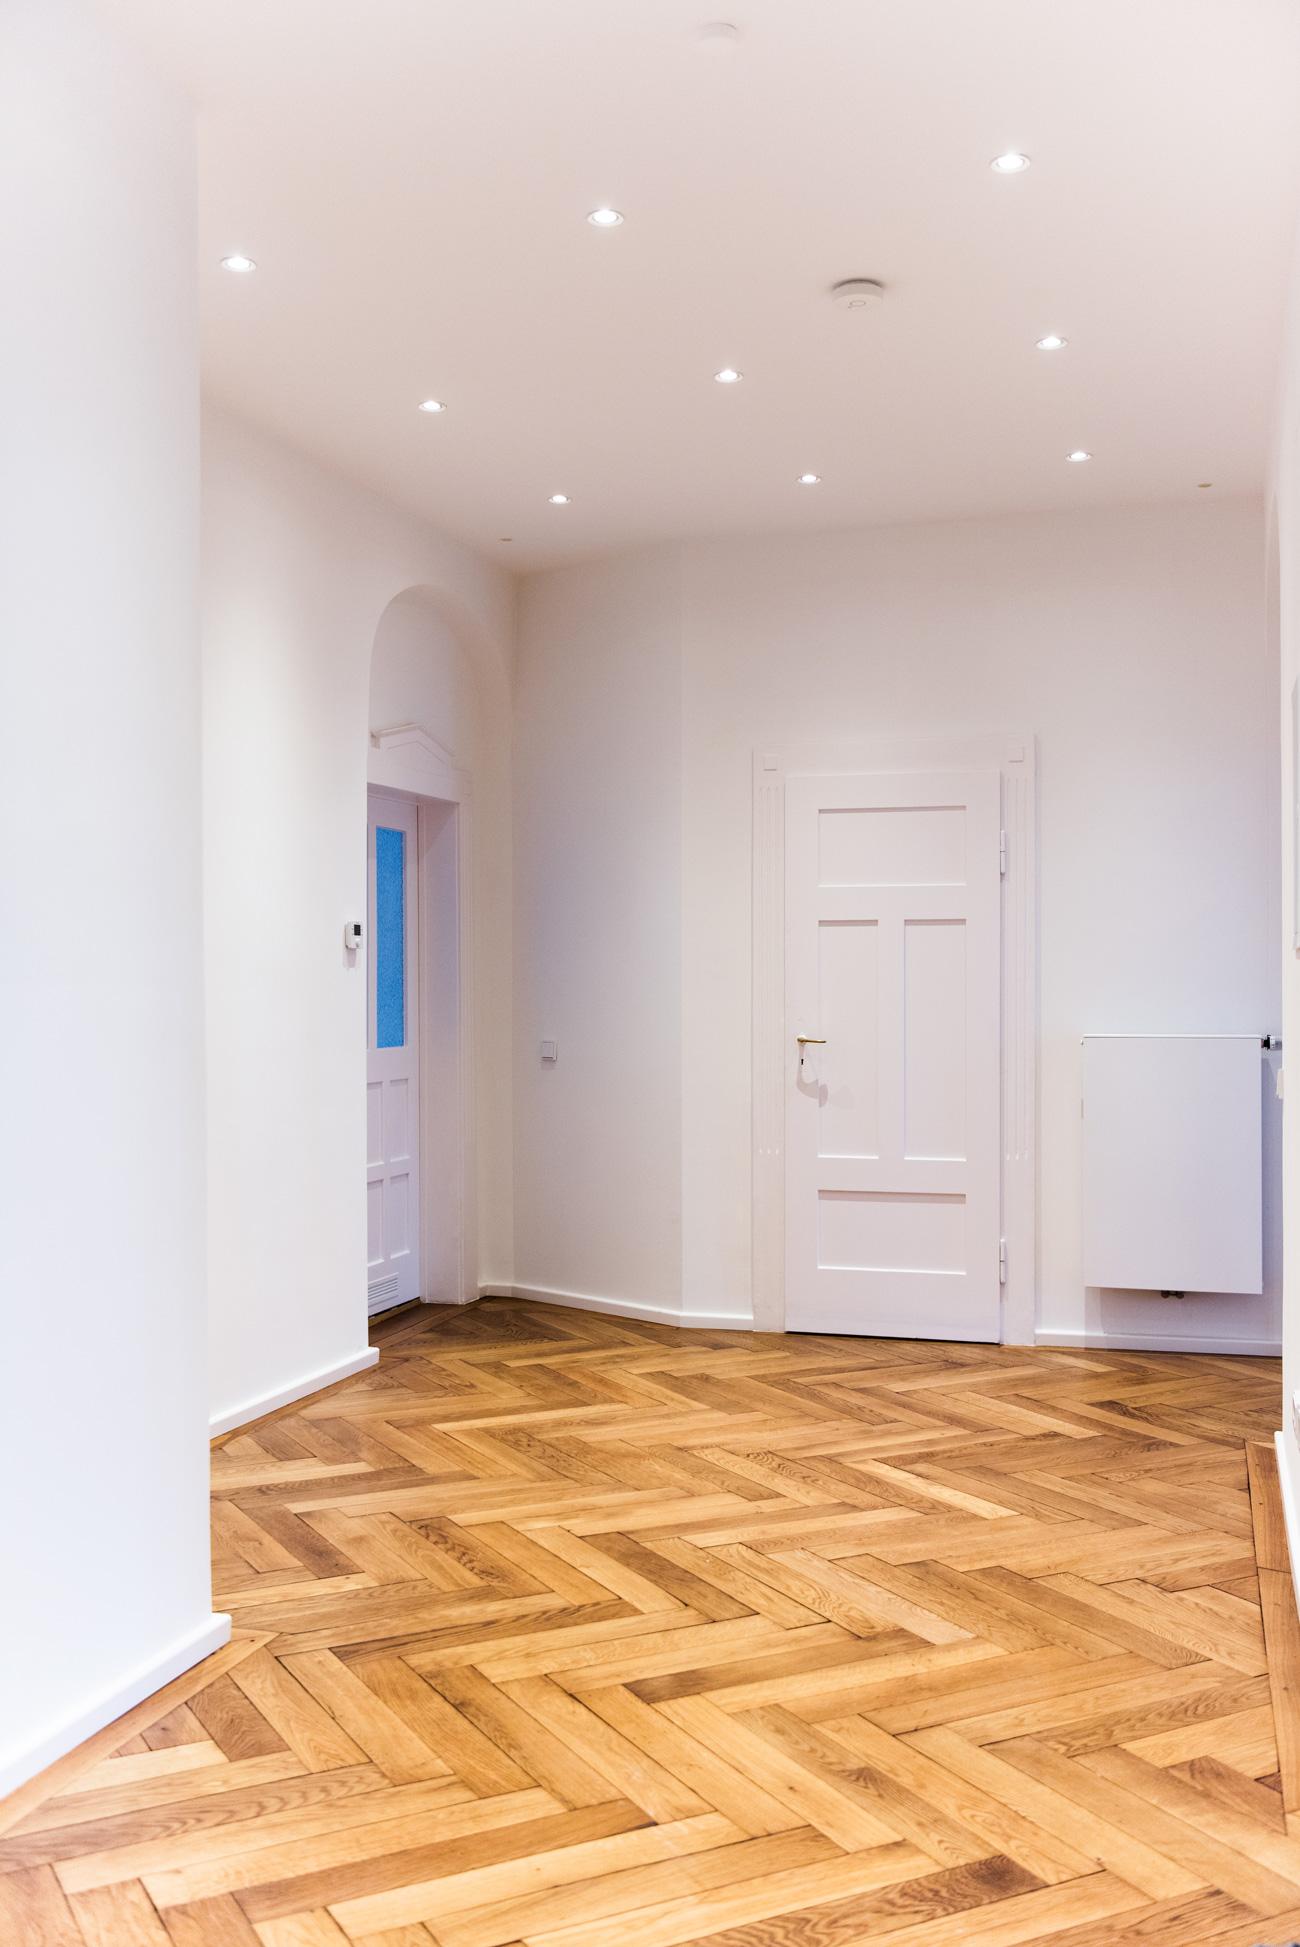 altbau-wohnung-münchen-schwabing-flügeltüren-hohe-decken-fischgrätt-parkett-fashiioncarpet